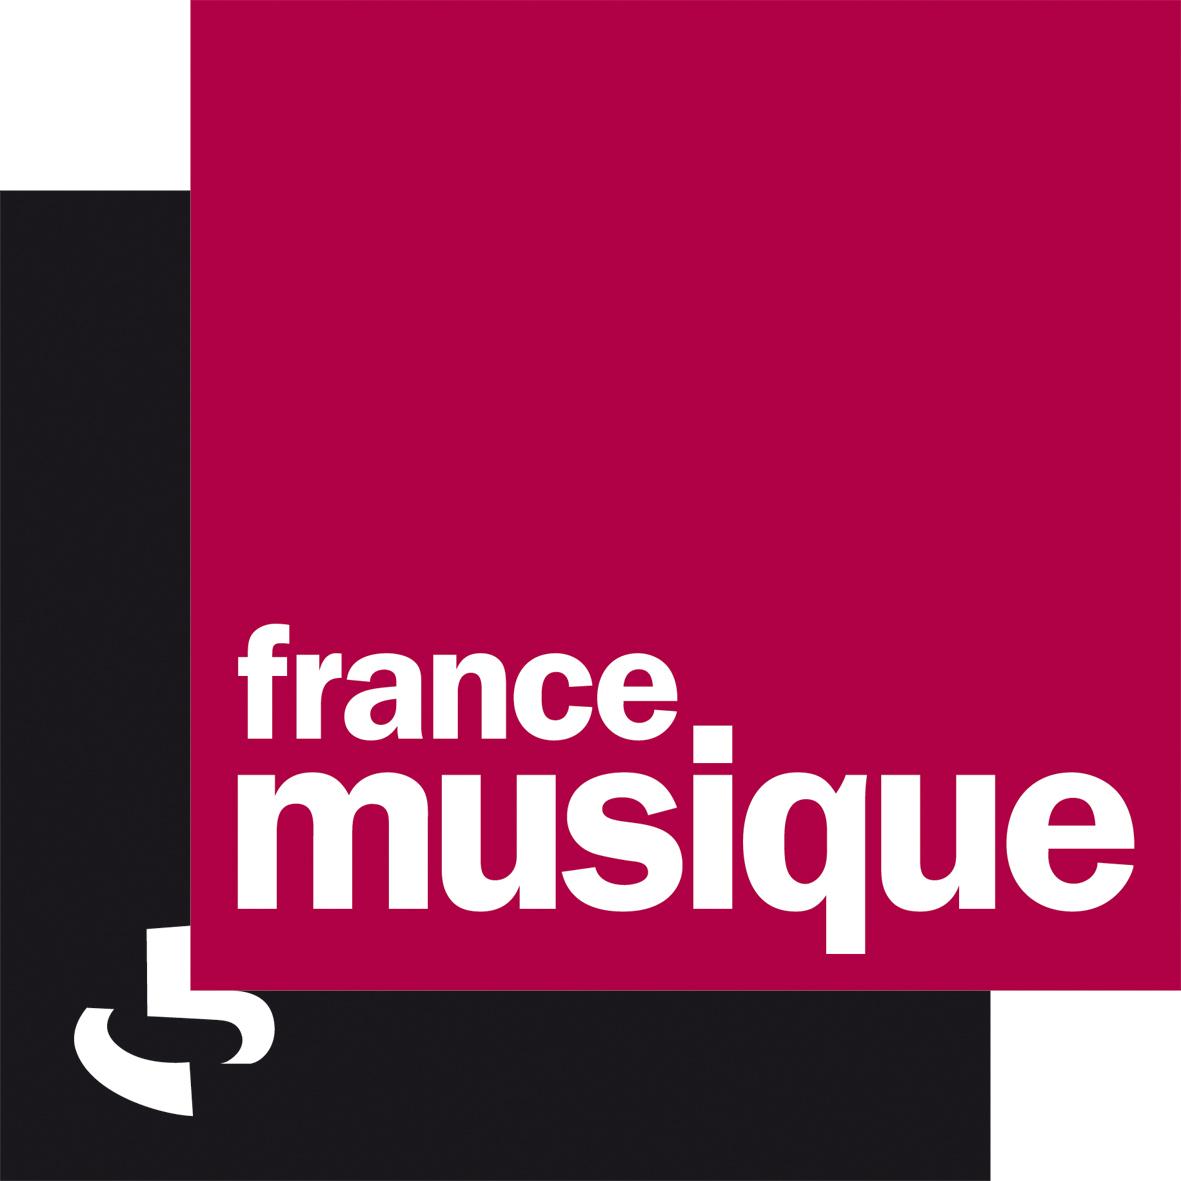 logo-france-musique